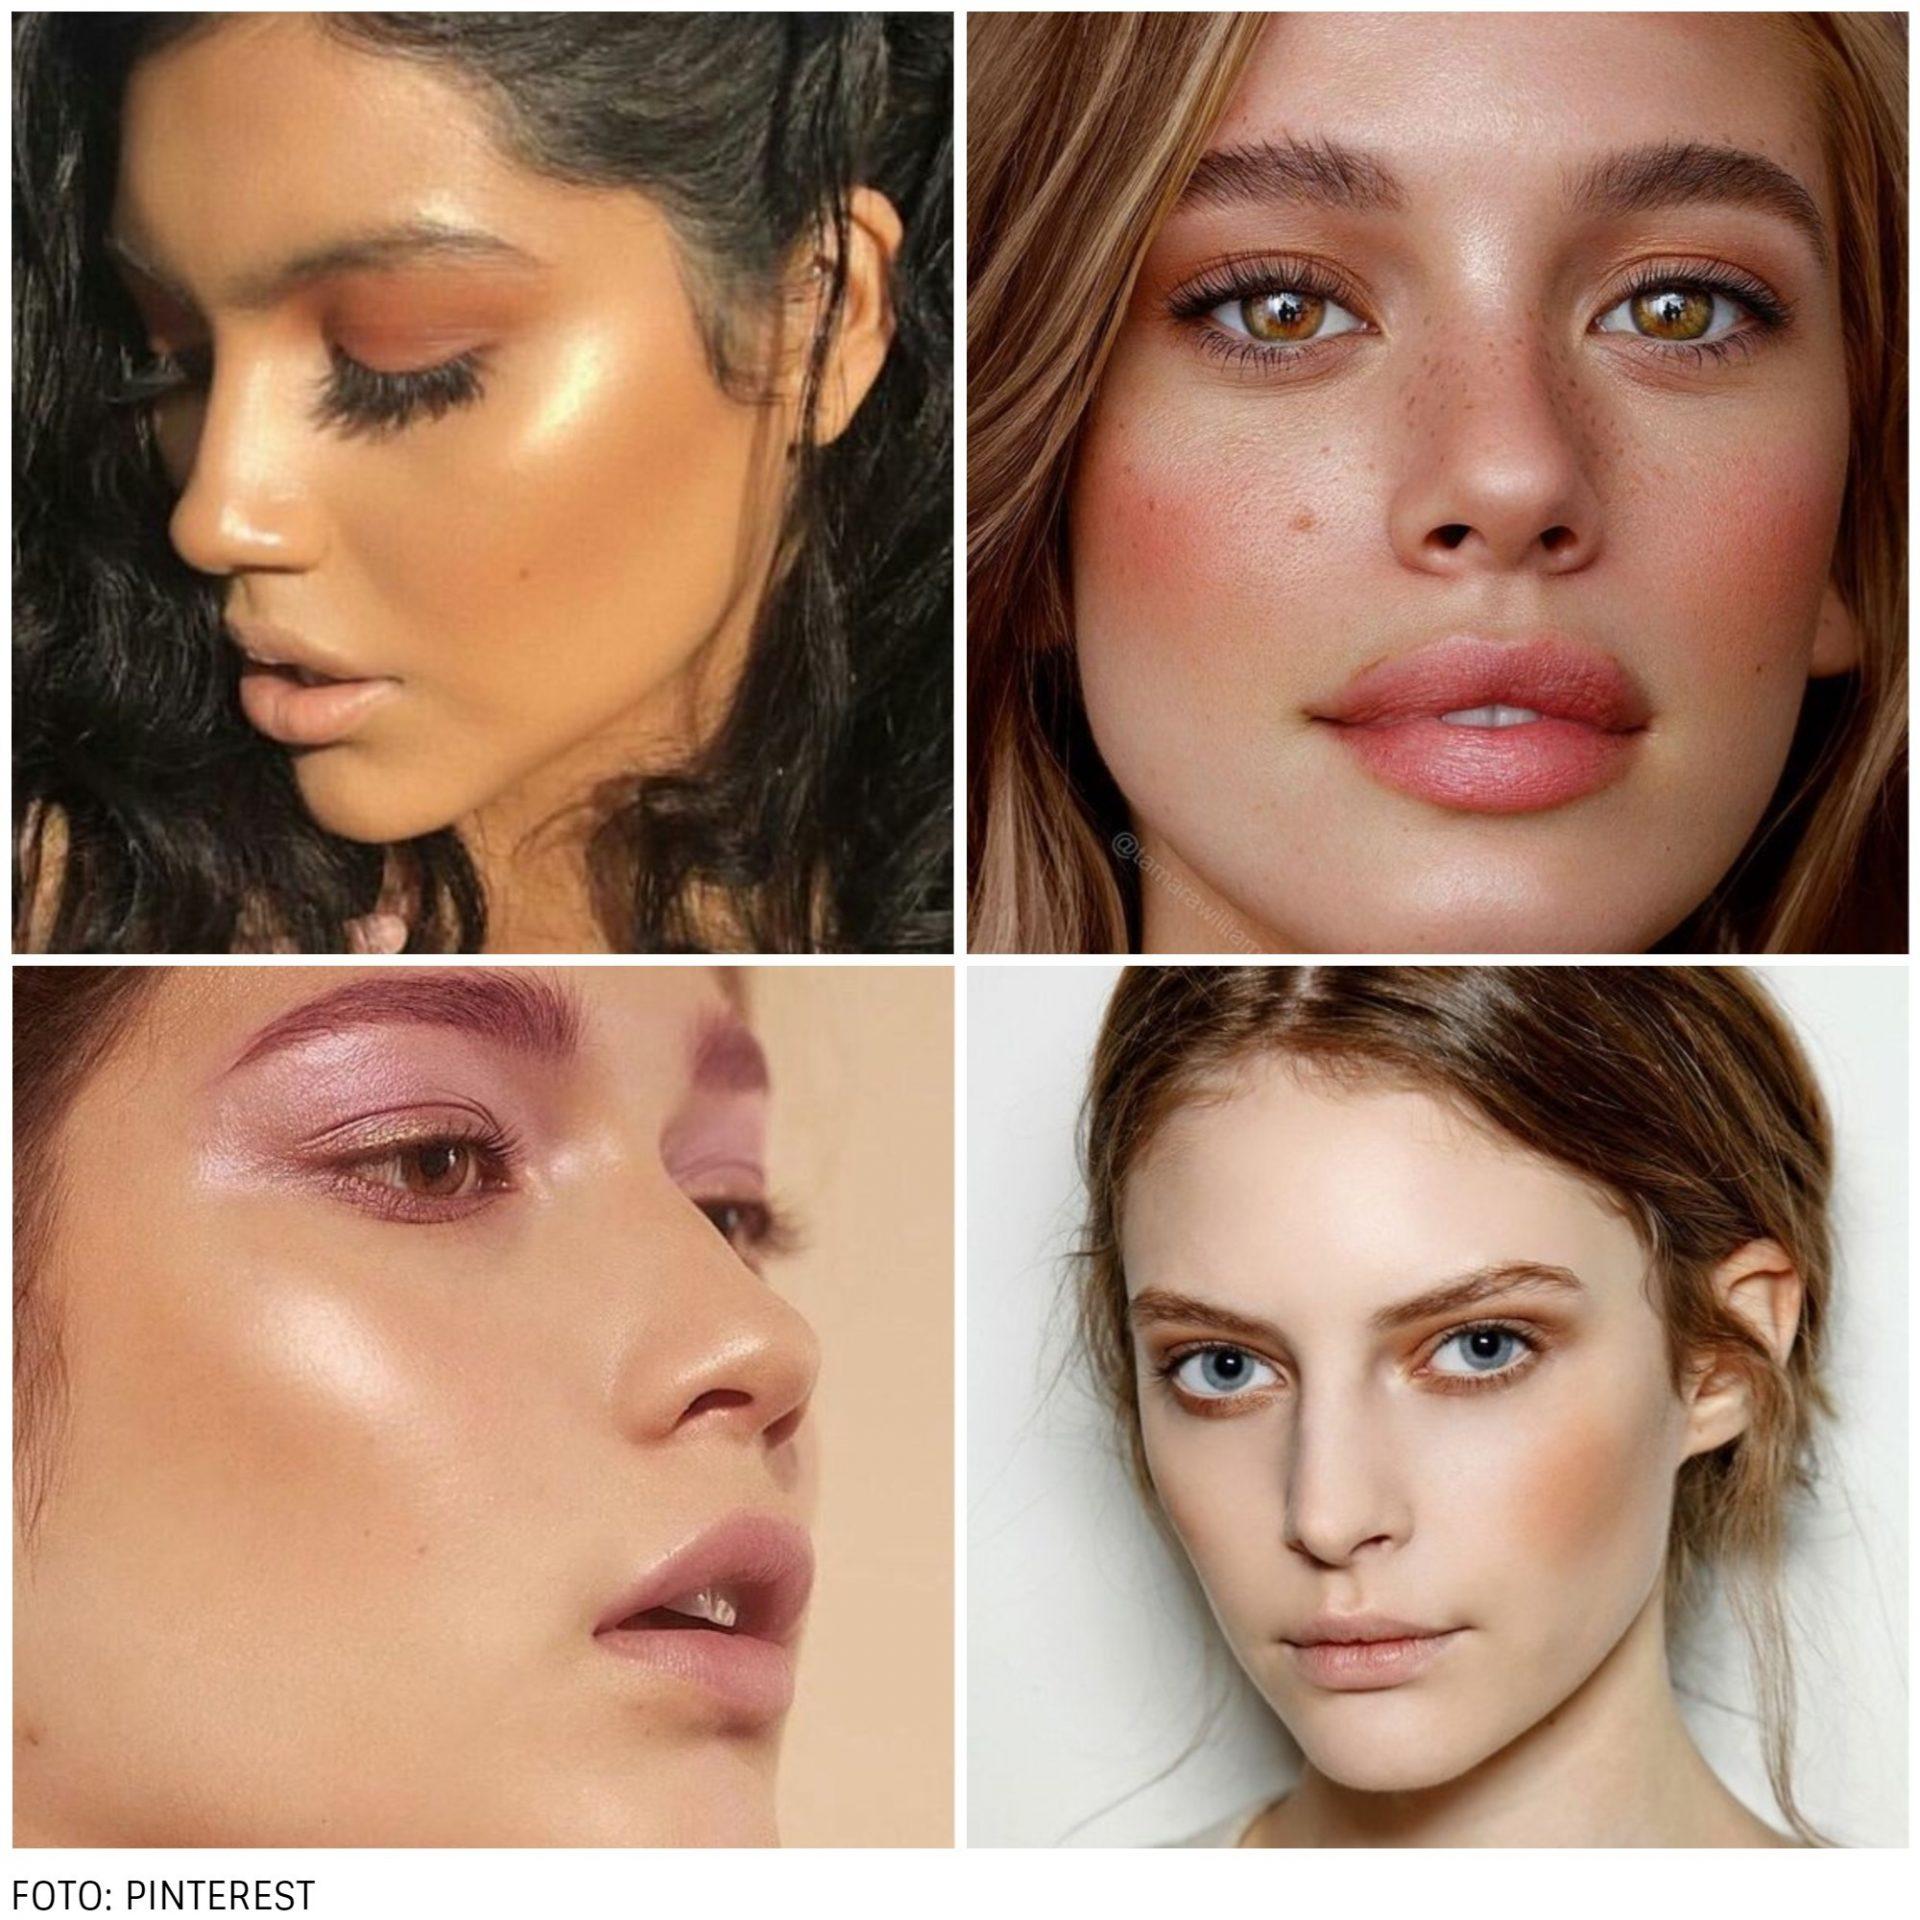 maquiagem fácil 17 - 5 dicas de maquiagem fácil (e com cara de profissional!) para meninas práticas